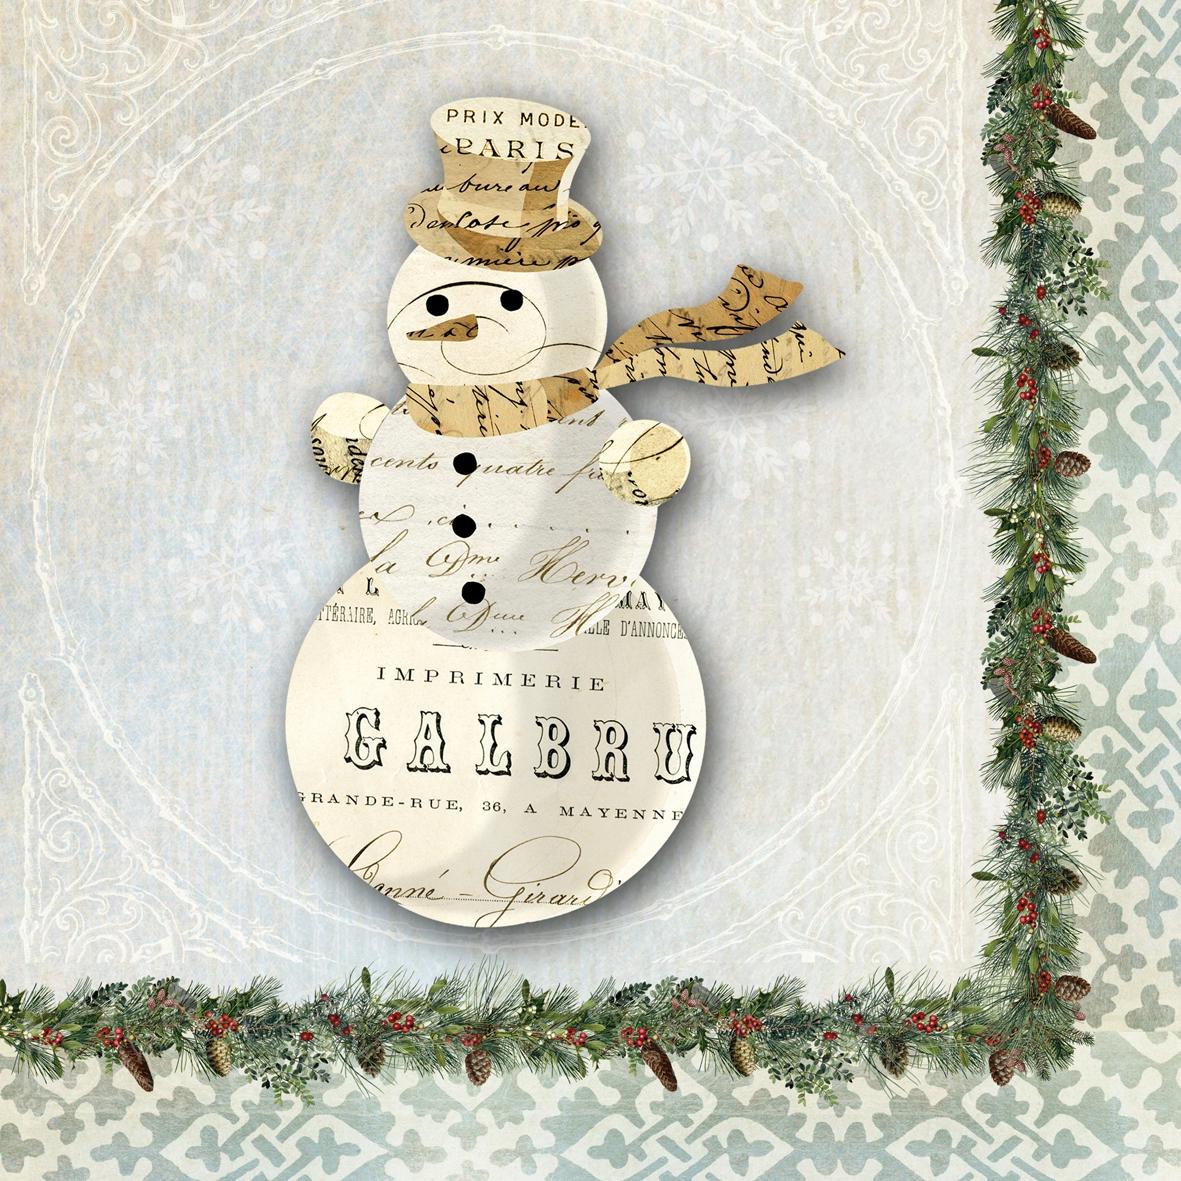 Paperproducts Design,  Winter - Schneemänner,  Weihnachten,  cocktail servietten,  Schneemann